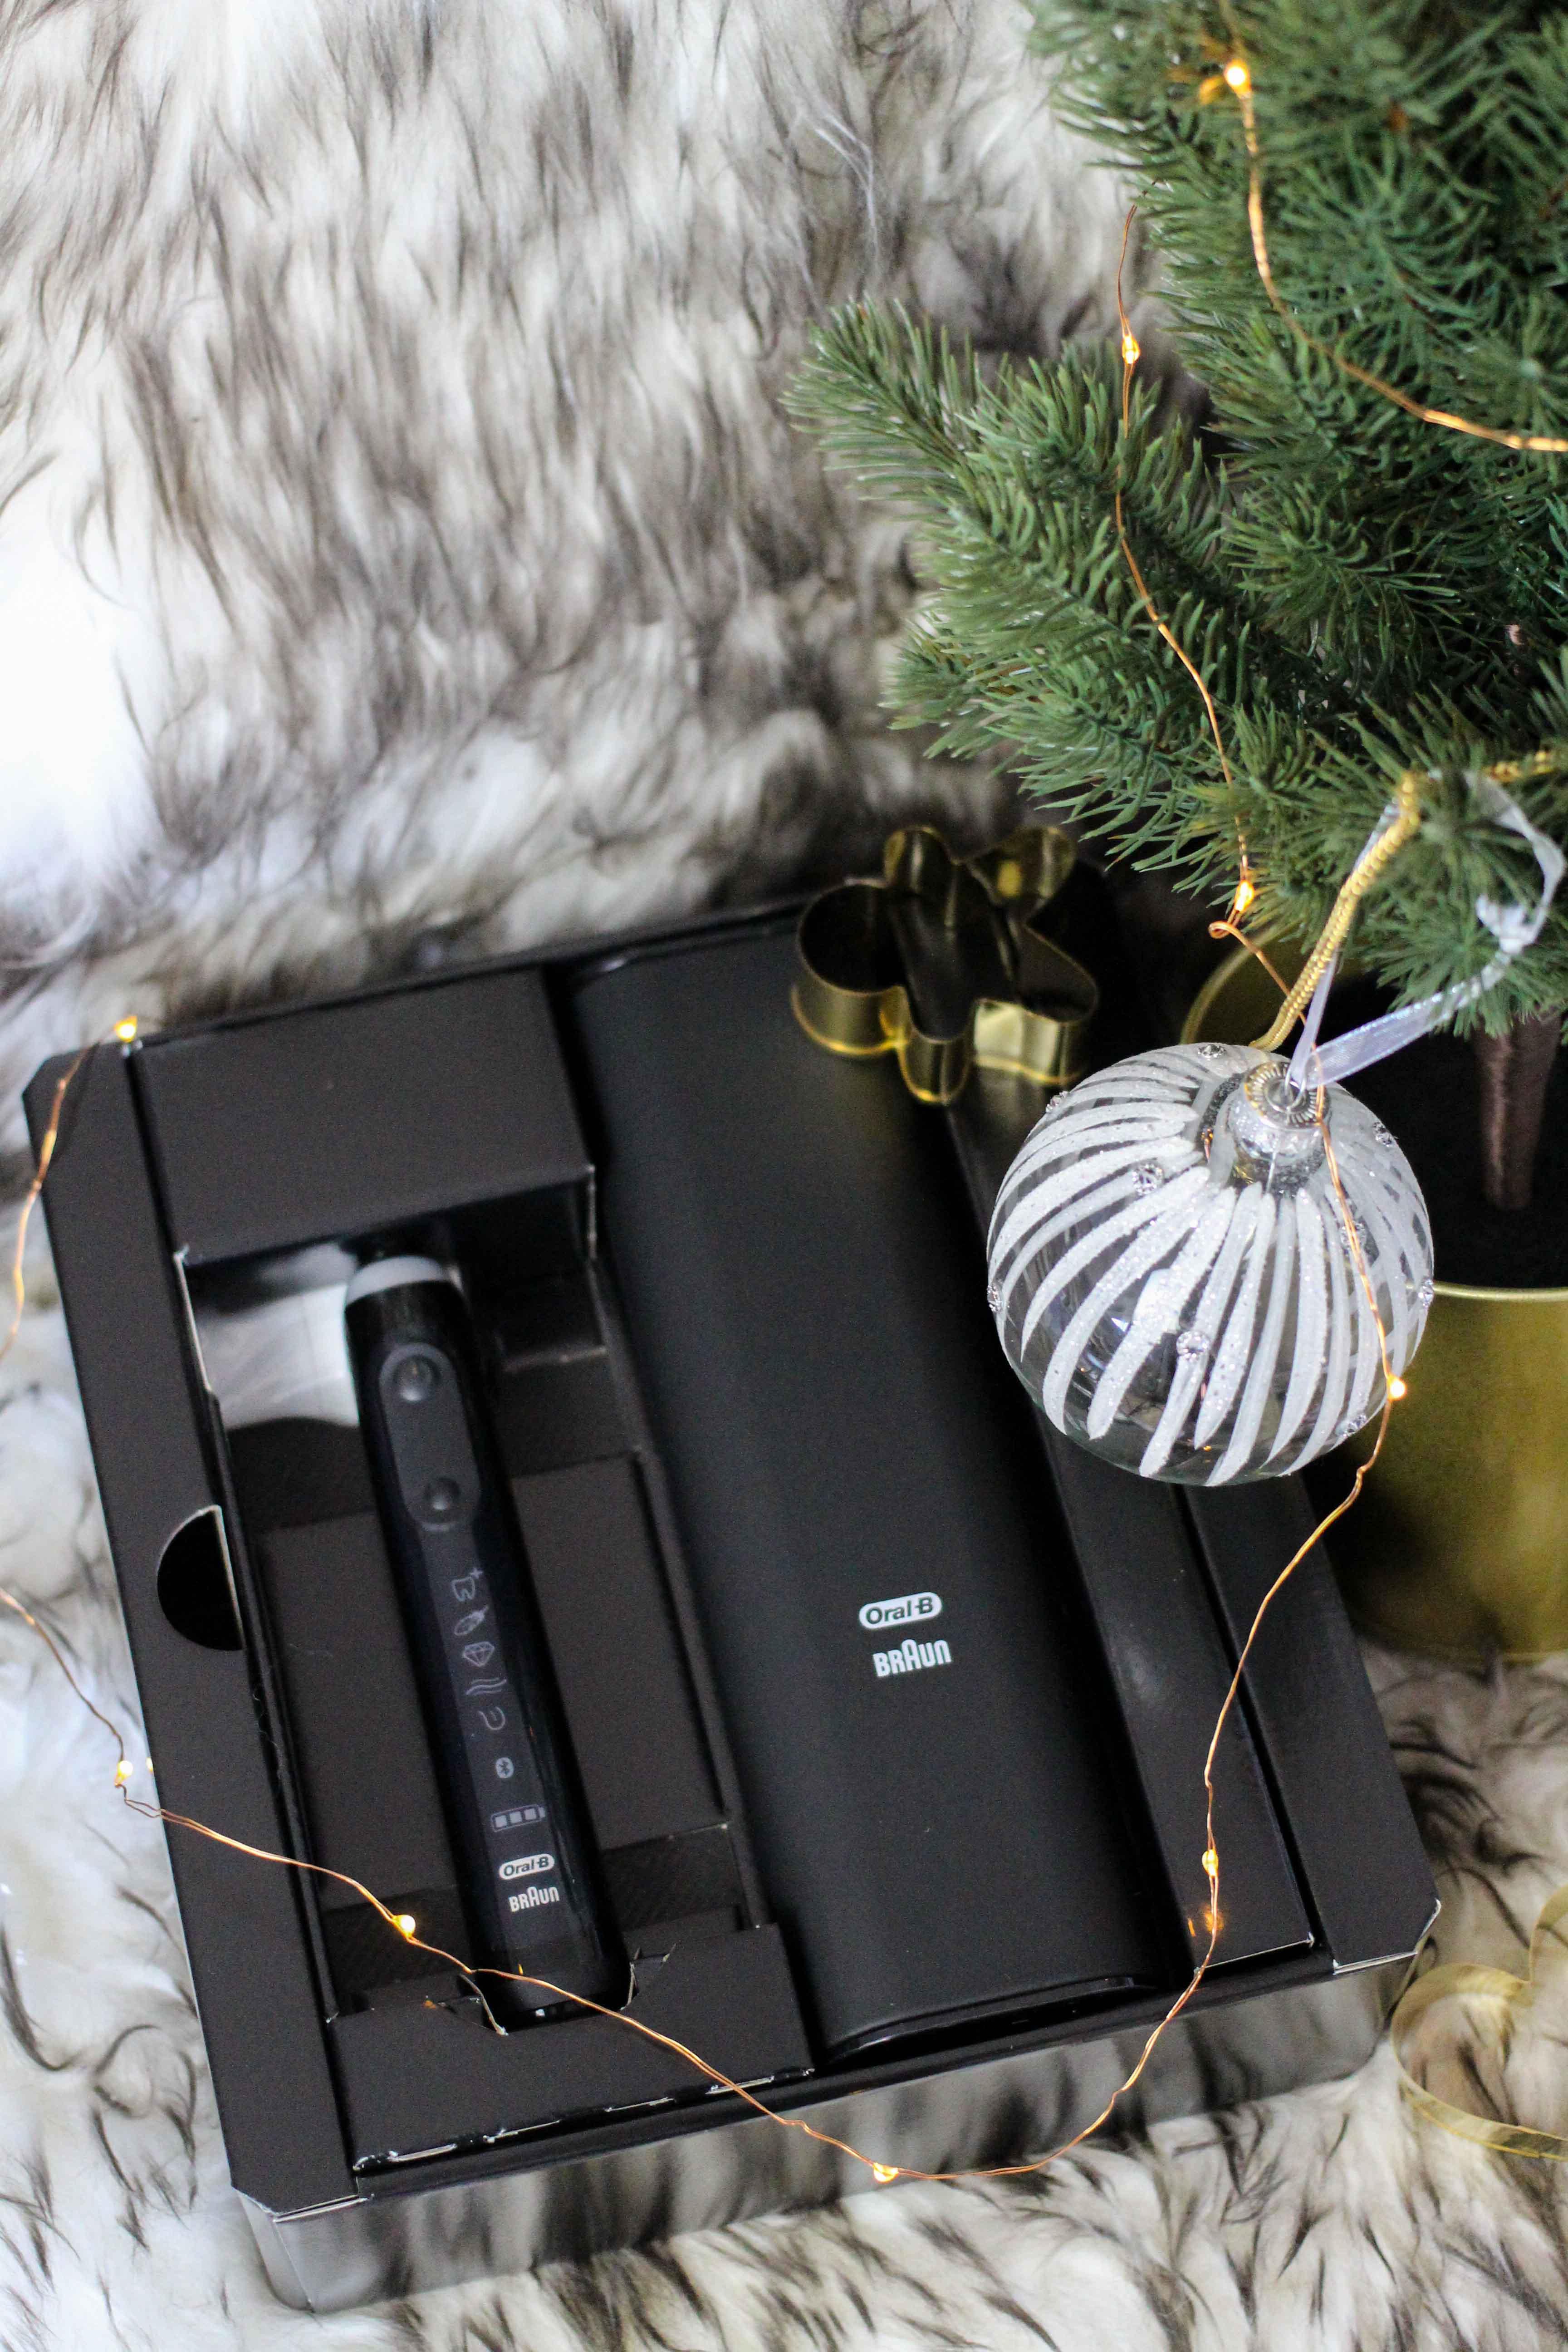 Aldi Adventskalender Gewinnspiel Oral-B Genius 10000N Black Edition ALDIventskalender elektrische Zahnbürste Weihnachtsgeschenk Blog 3